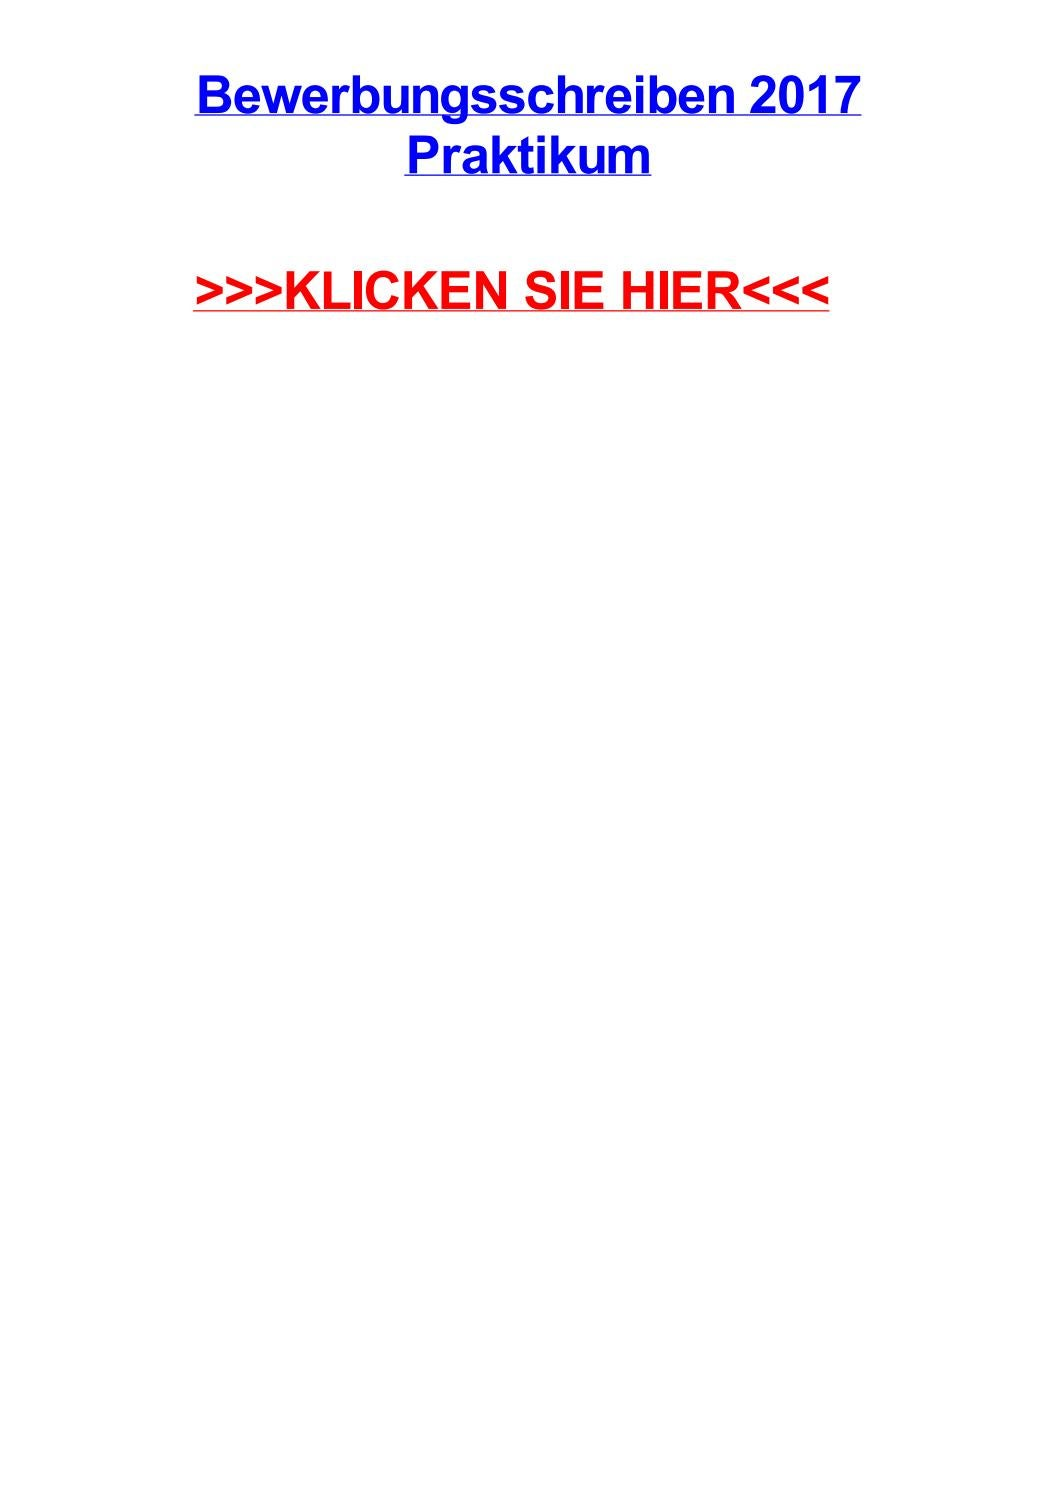 Schön Zusammenfassung Für Den Lebenslauf Mit Wenig Erfahrung Galerie ...